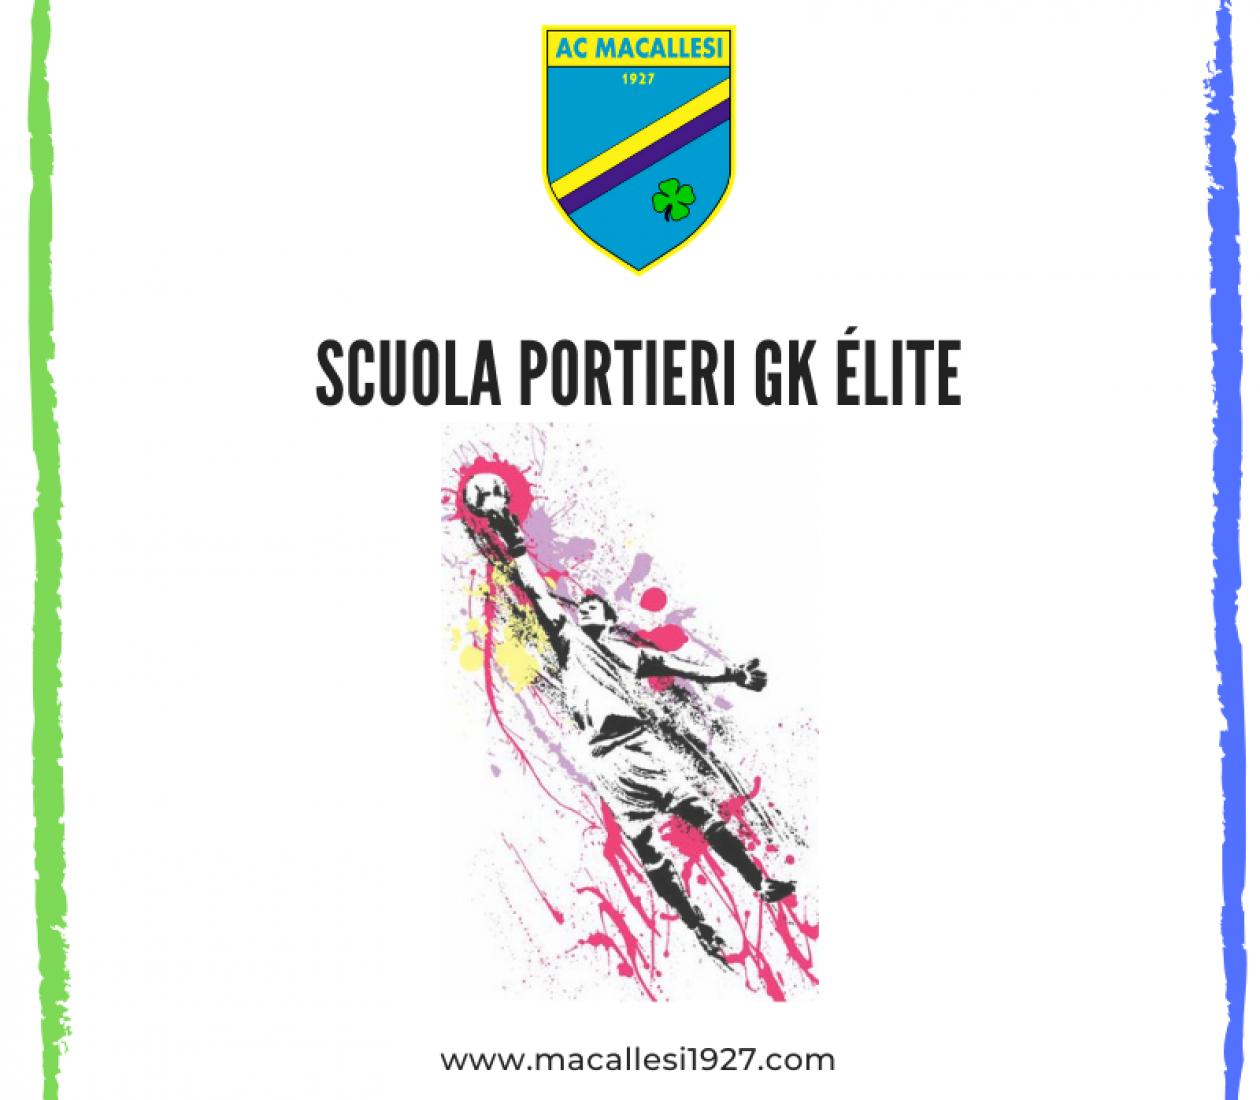 Scuola portieri GK Élite